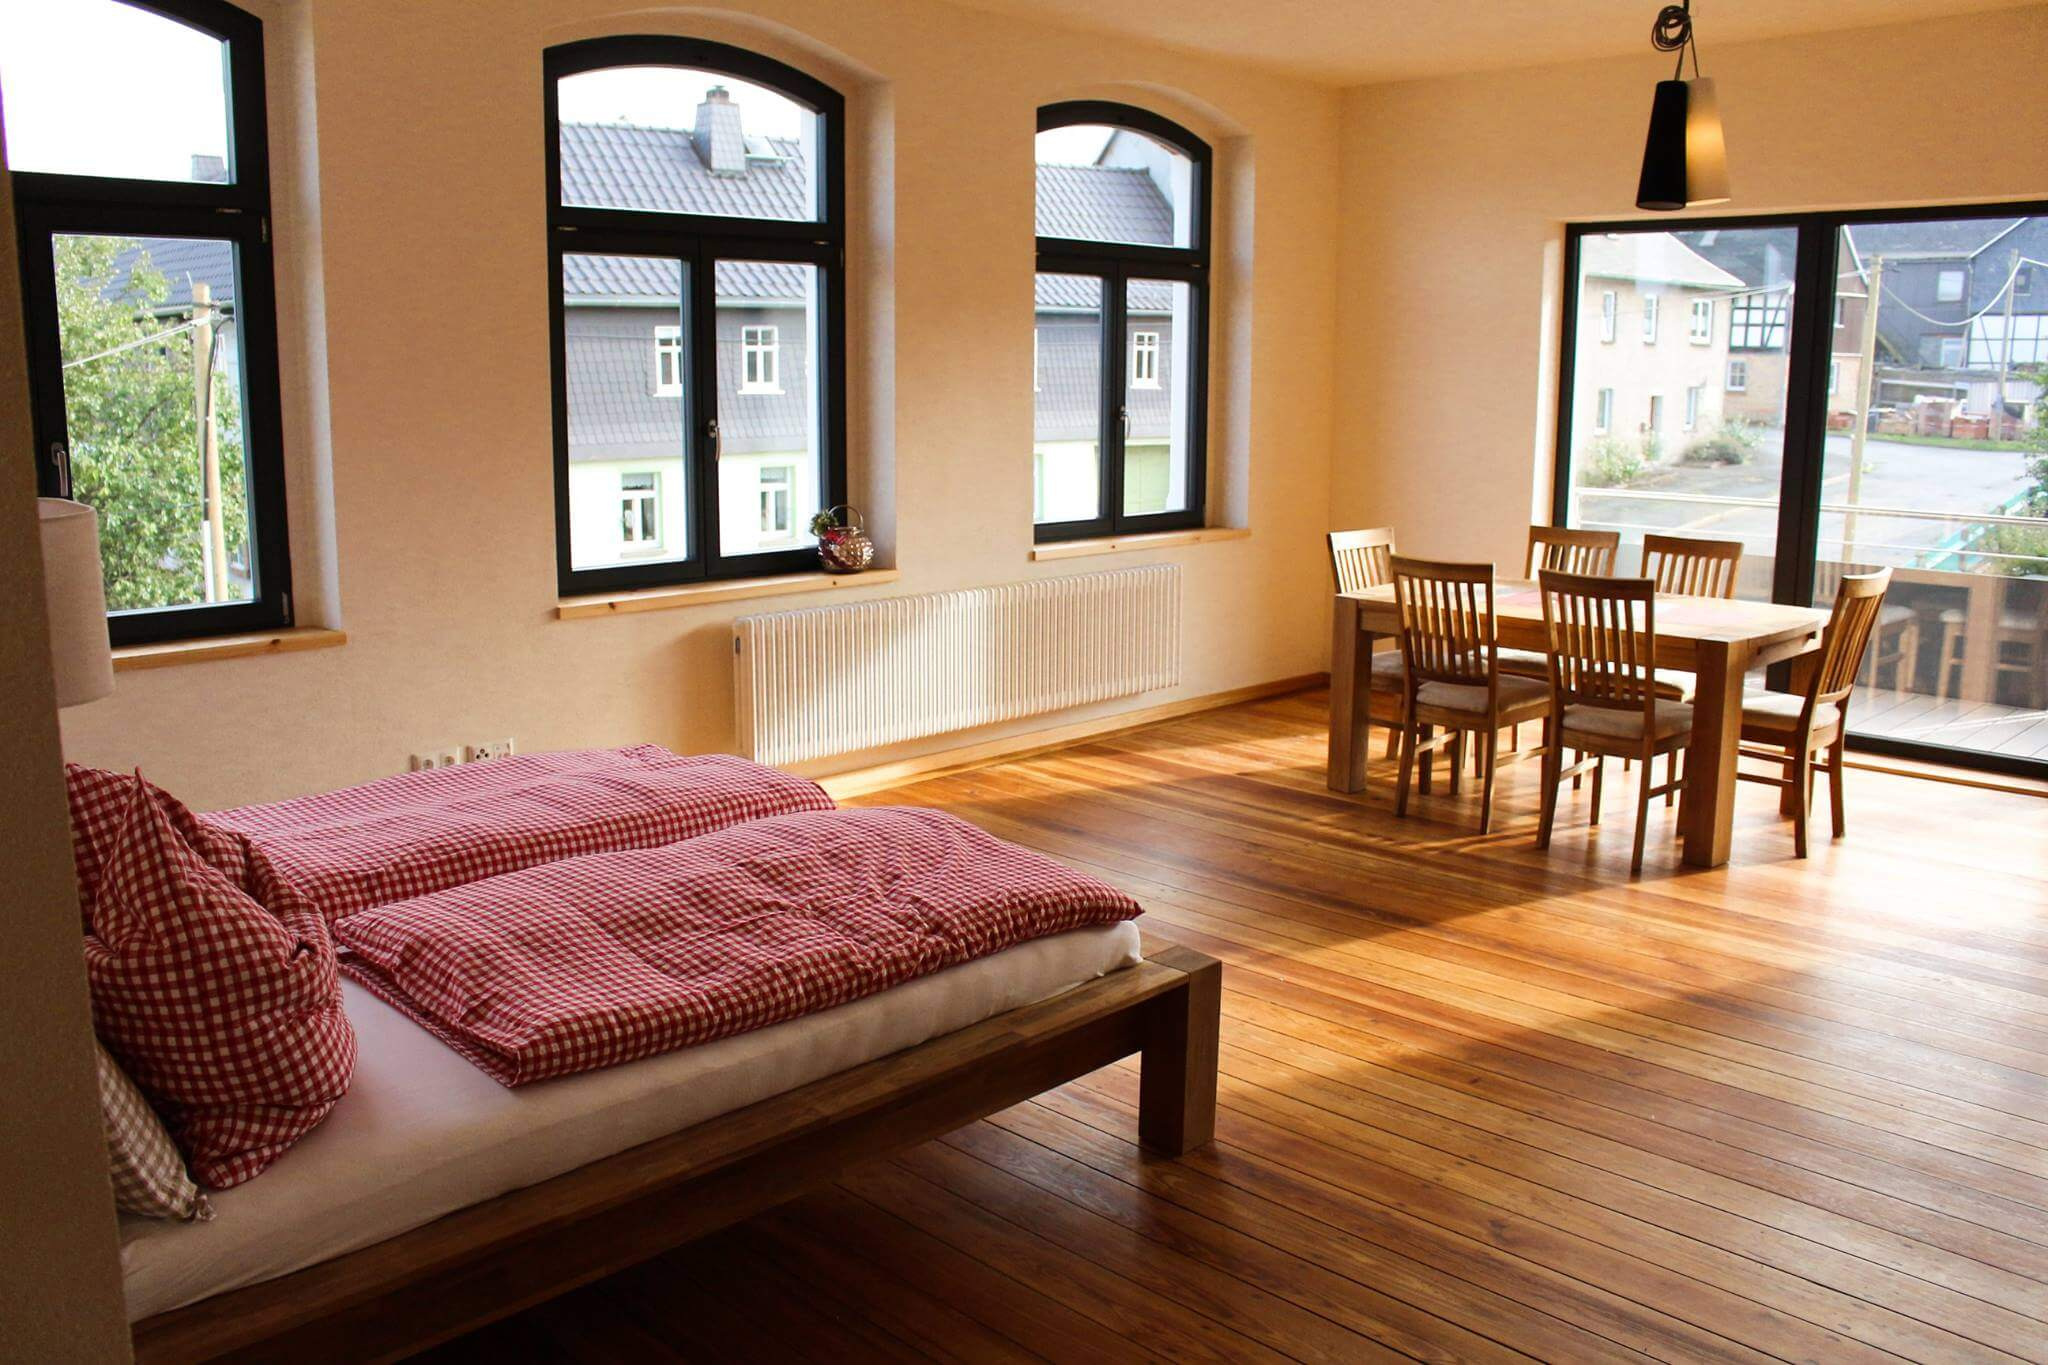 Hotel Turmschule Zeulenroda Klassenzimmer 03, Innen